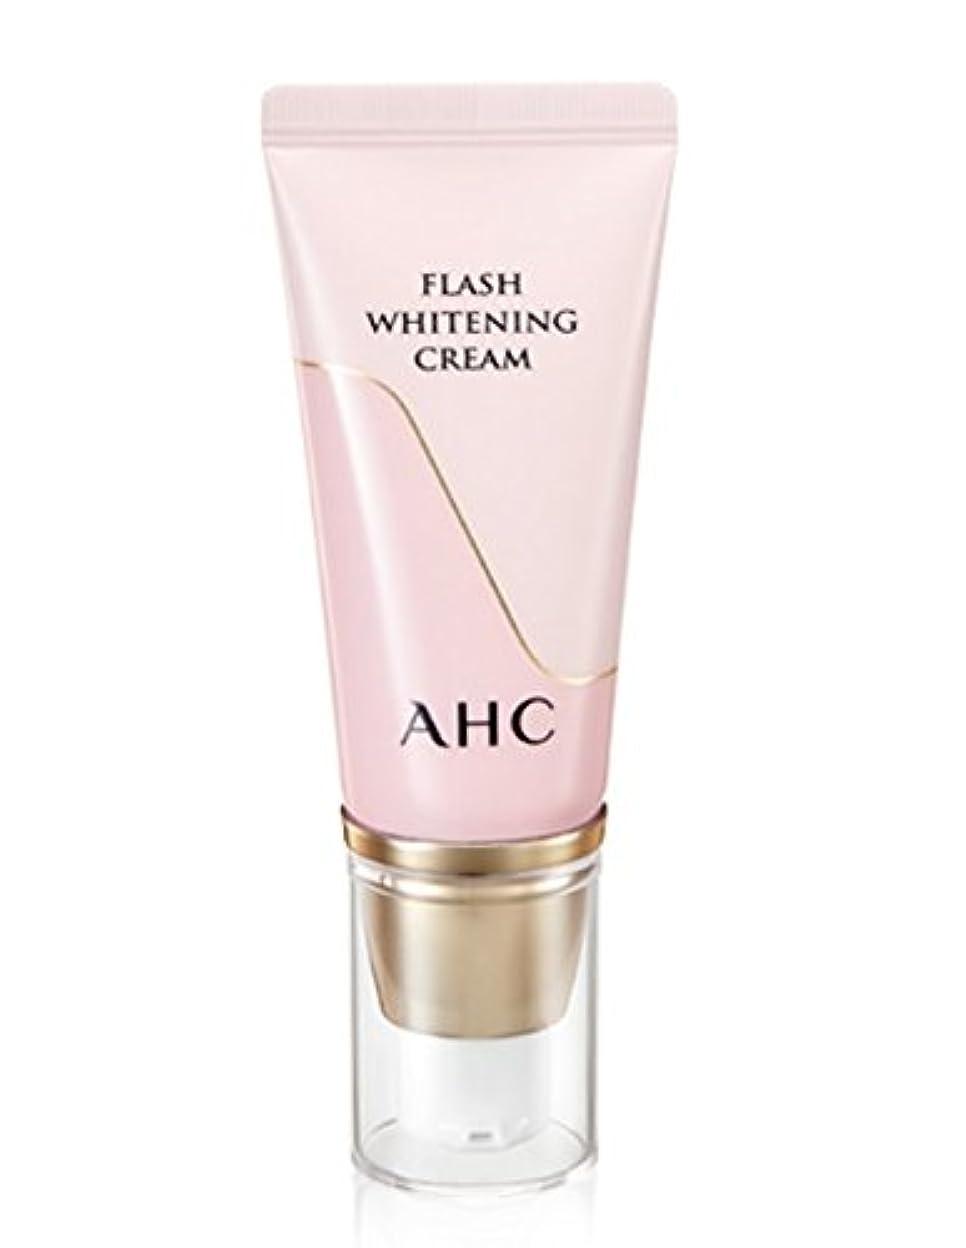 キャベツコンベンションひそかに[A.H.C] AHC フラッシュホワイトニングクリーム [AHC FLASH WHITENING CREAM 30ml/SPF30/PA++] [並行輸入品]